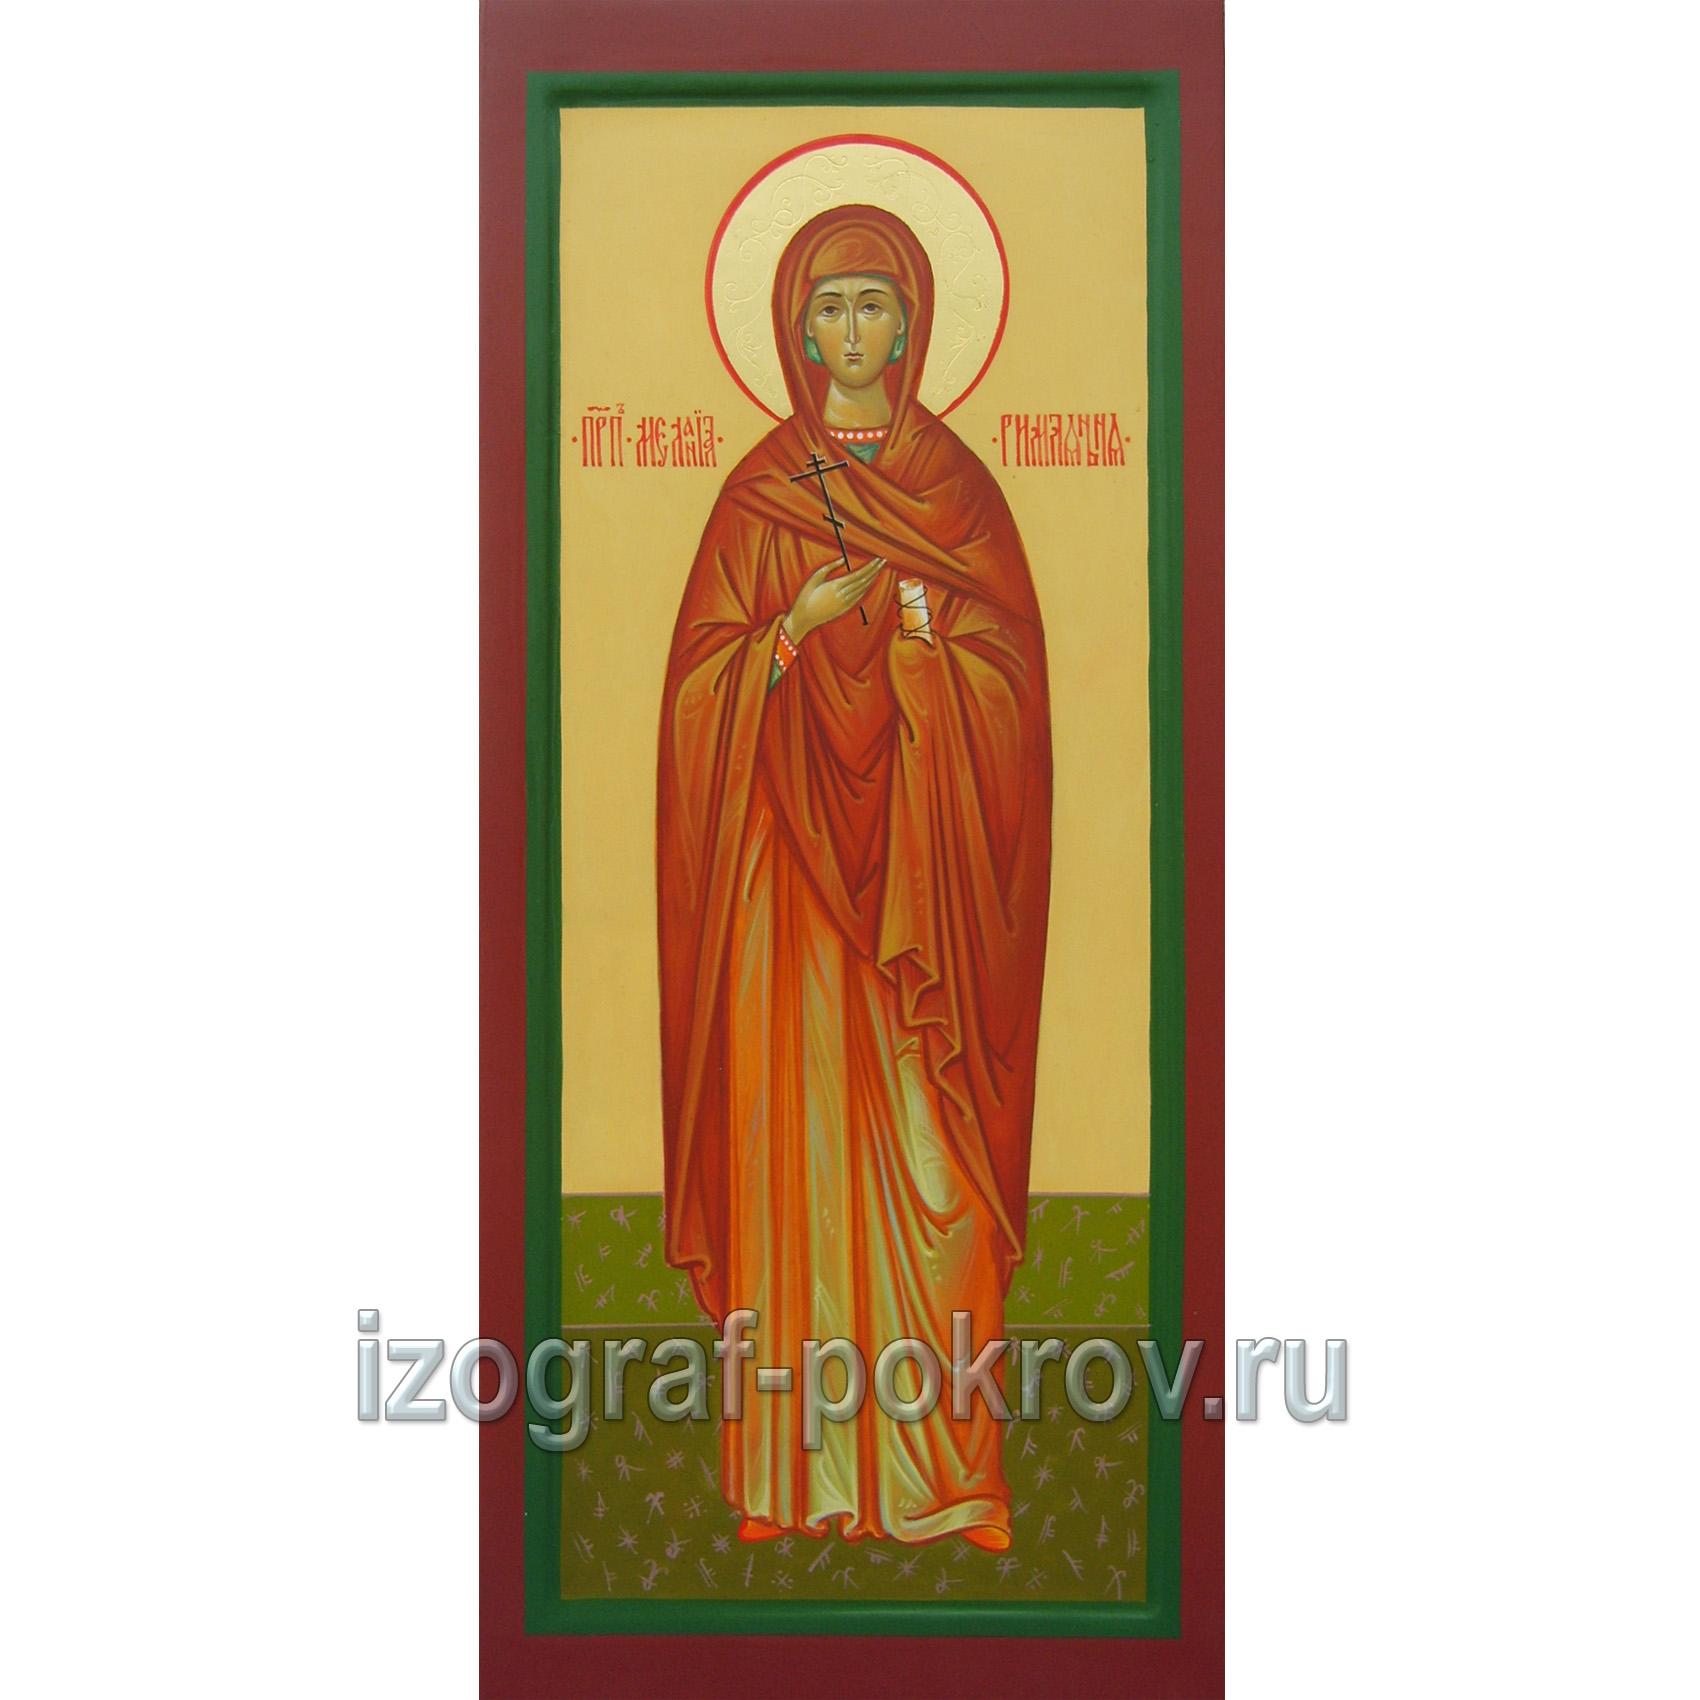 Мерная икона св. Мелания Римляныня